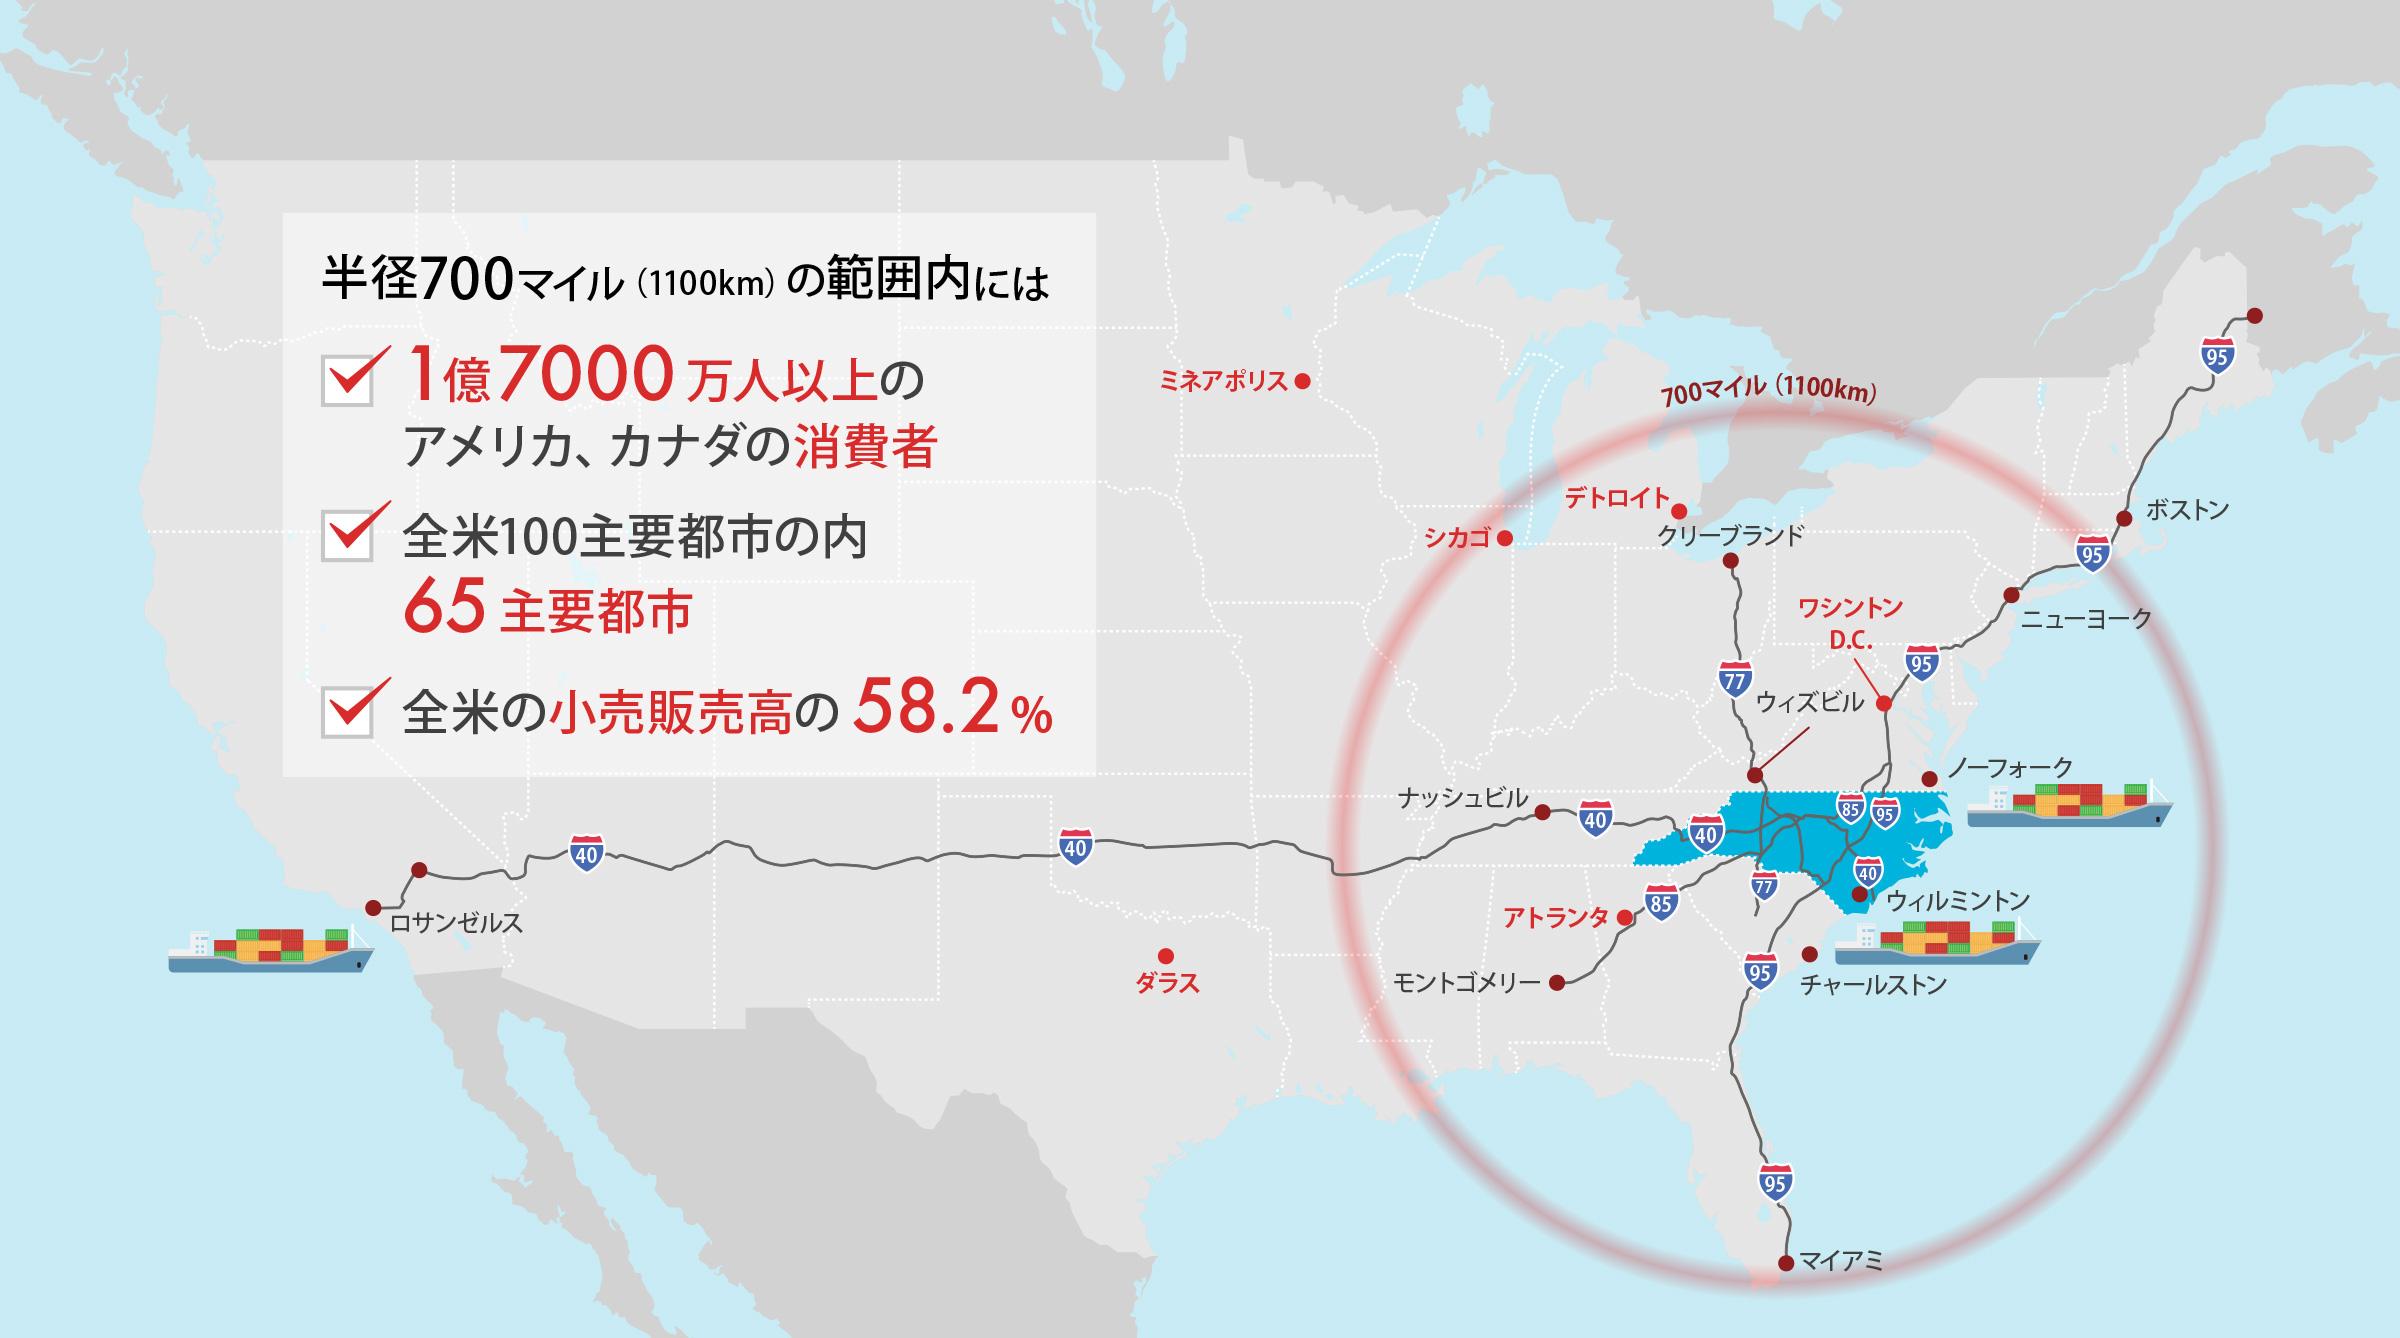 半径700マイル(1100km)の範囲内には 1億7000万人以上の アメリカ、カナダの消費者 全米100主要都市の内 65主要都市 全米の小売販売高の58.2%